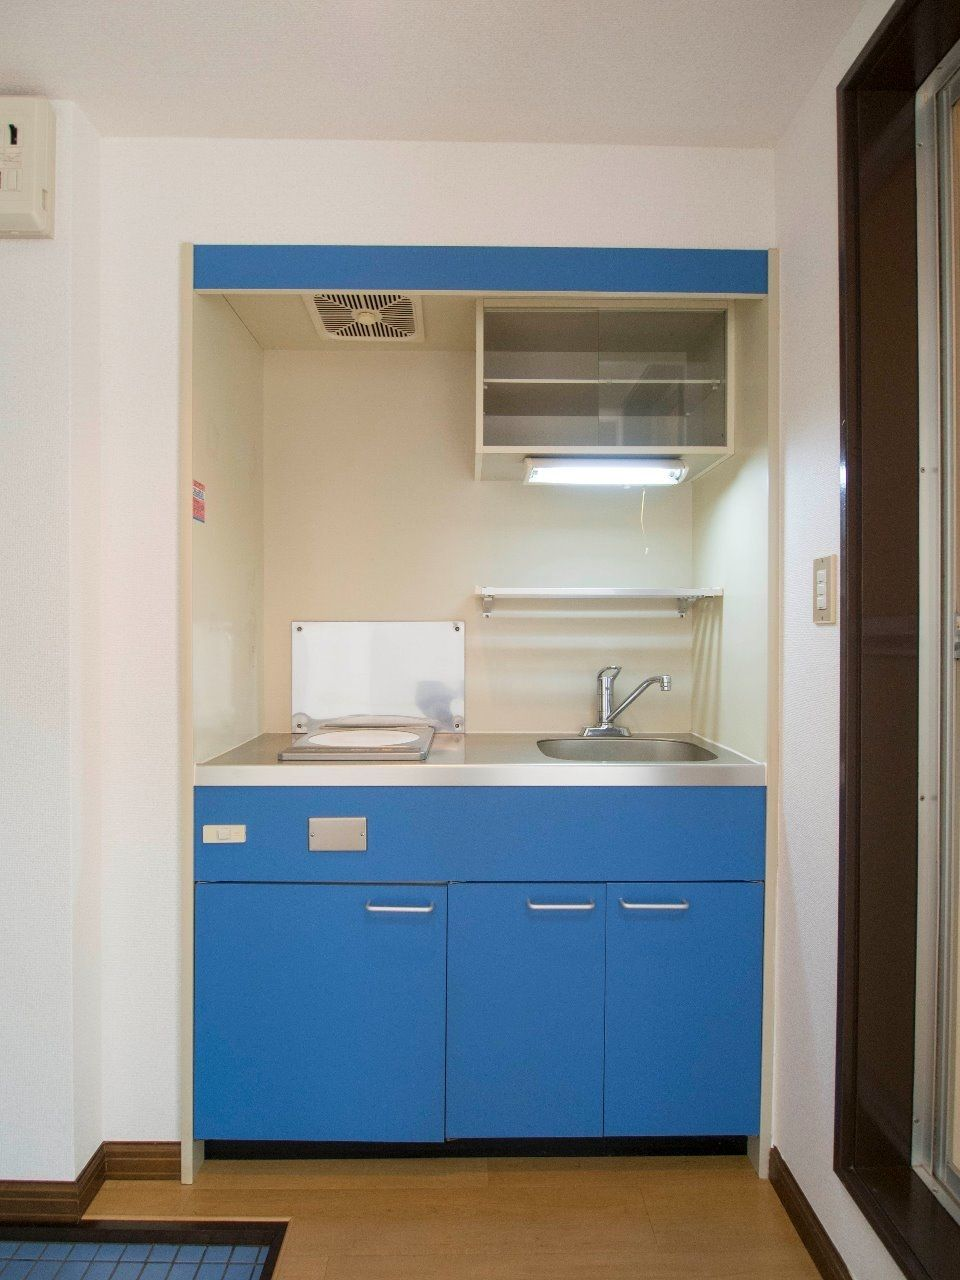 面板が青色の遊び心のあるキッチン